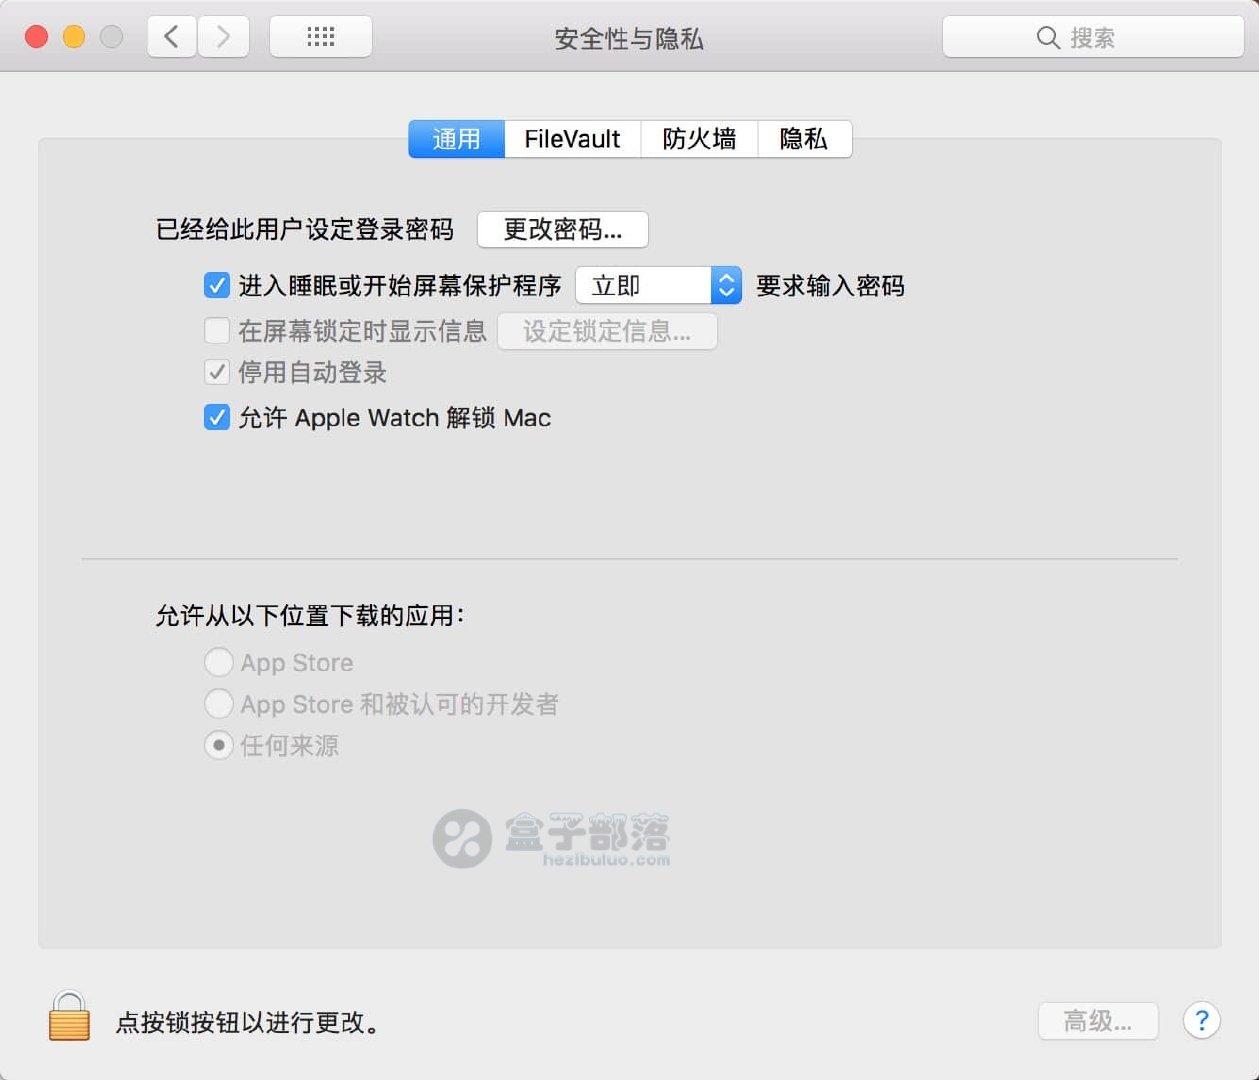 """macOS High Seirra 提示""""已损坏,打不开,您应该将它移至垃圾篓""""。该怎么办??"""